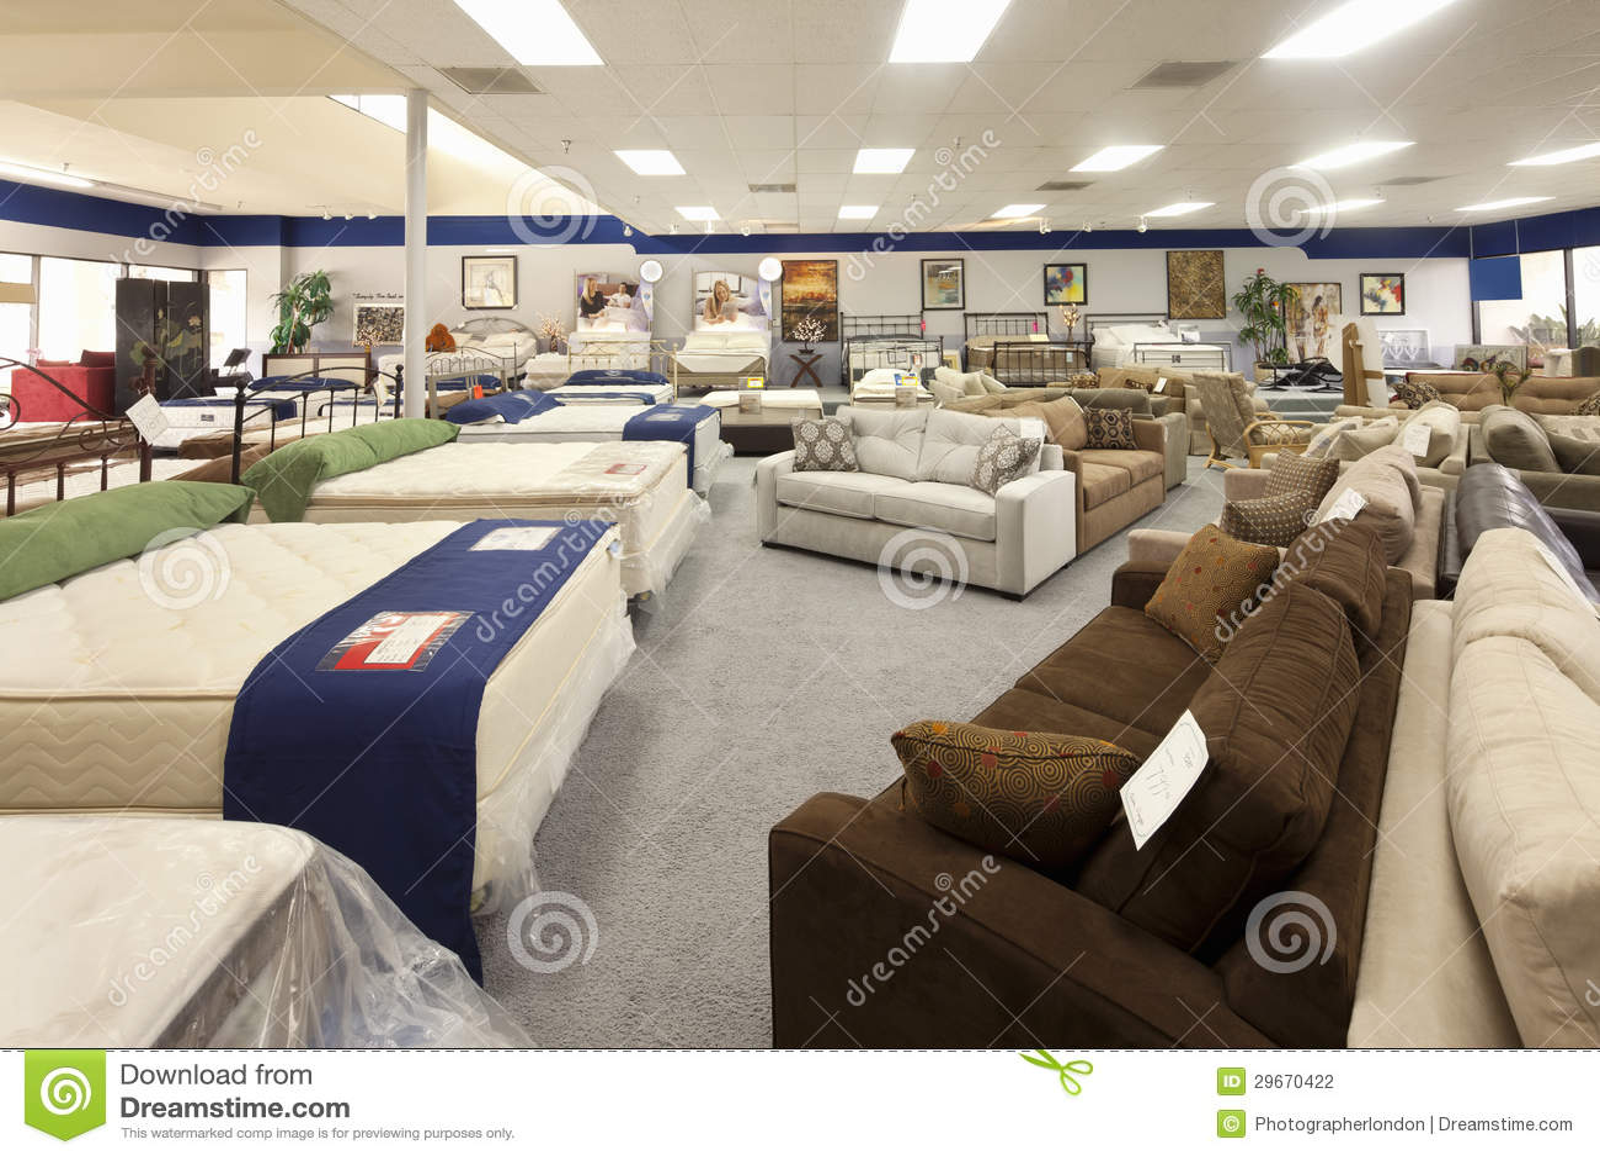 Interno del negozio di mobili fotografia editoriale - Foto di mobili ...